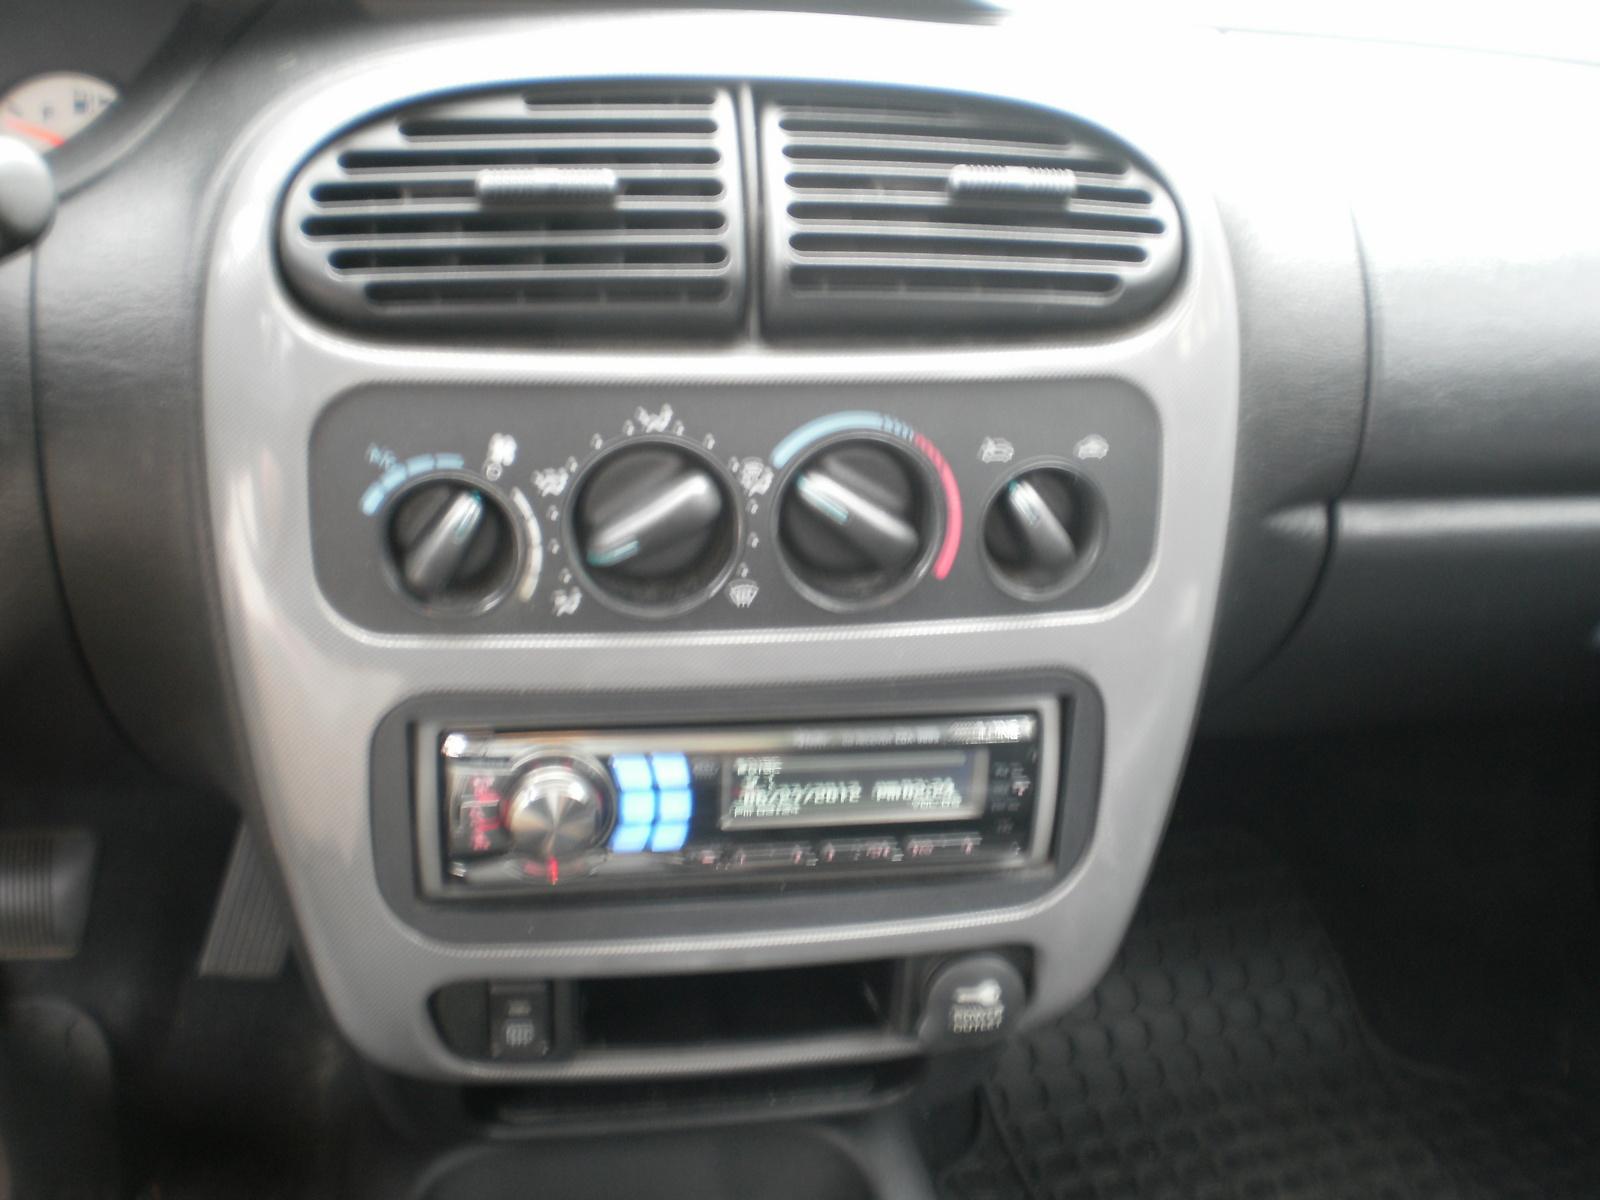 ... Fairing For Suzuki 2006 Gsxr 600. on 06 suzuki gsxr 600 wiring diagram